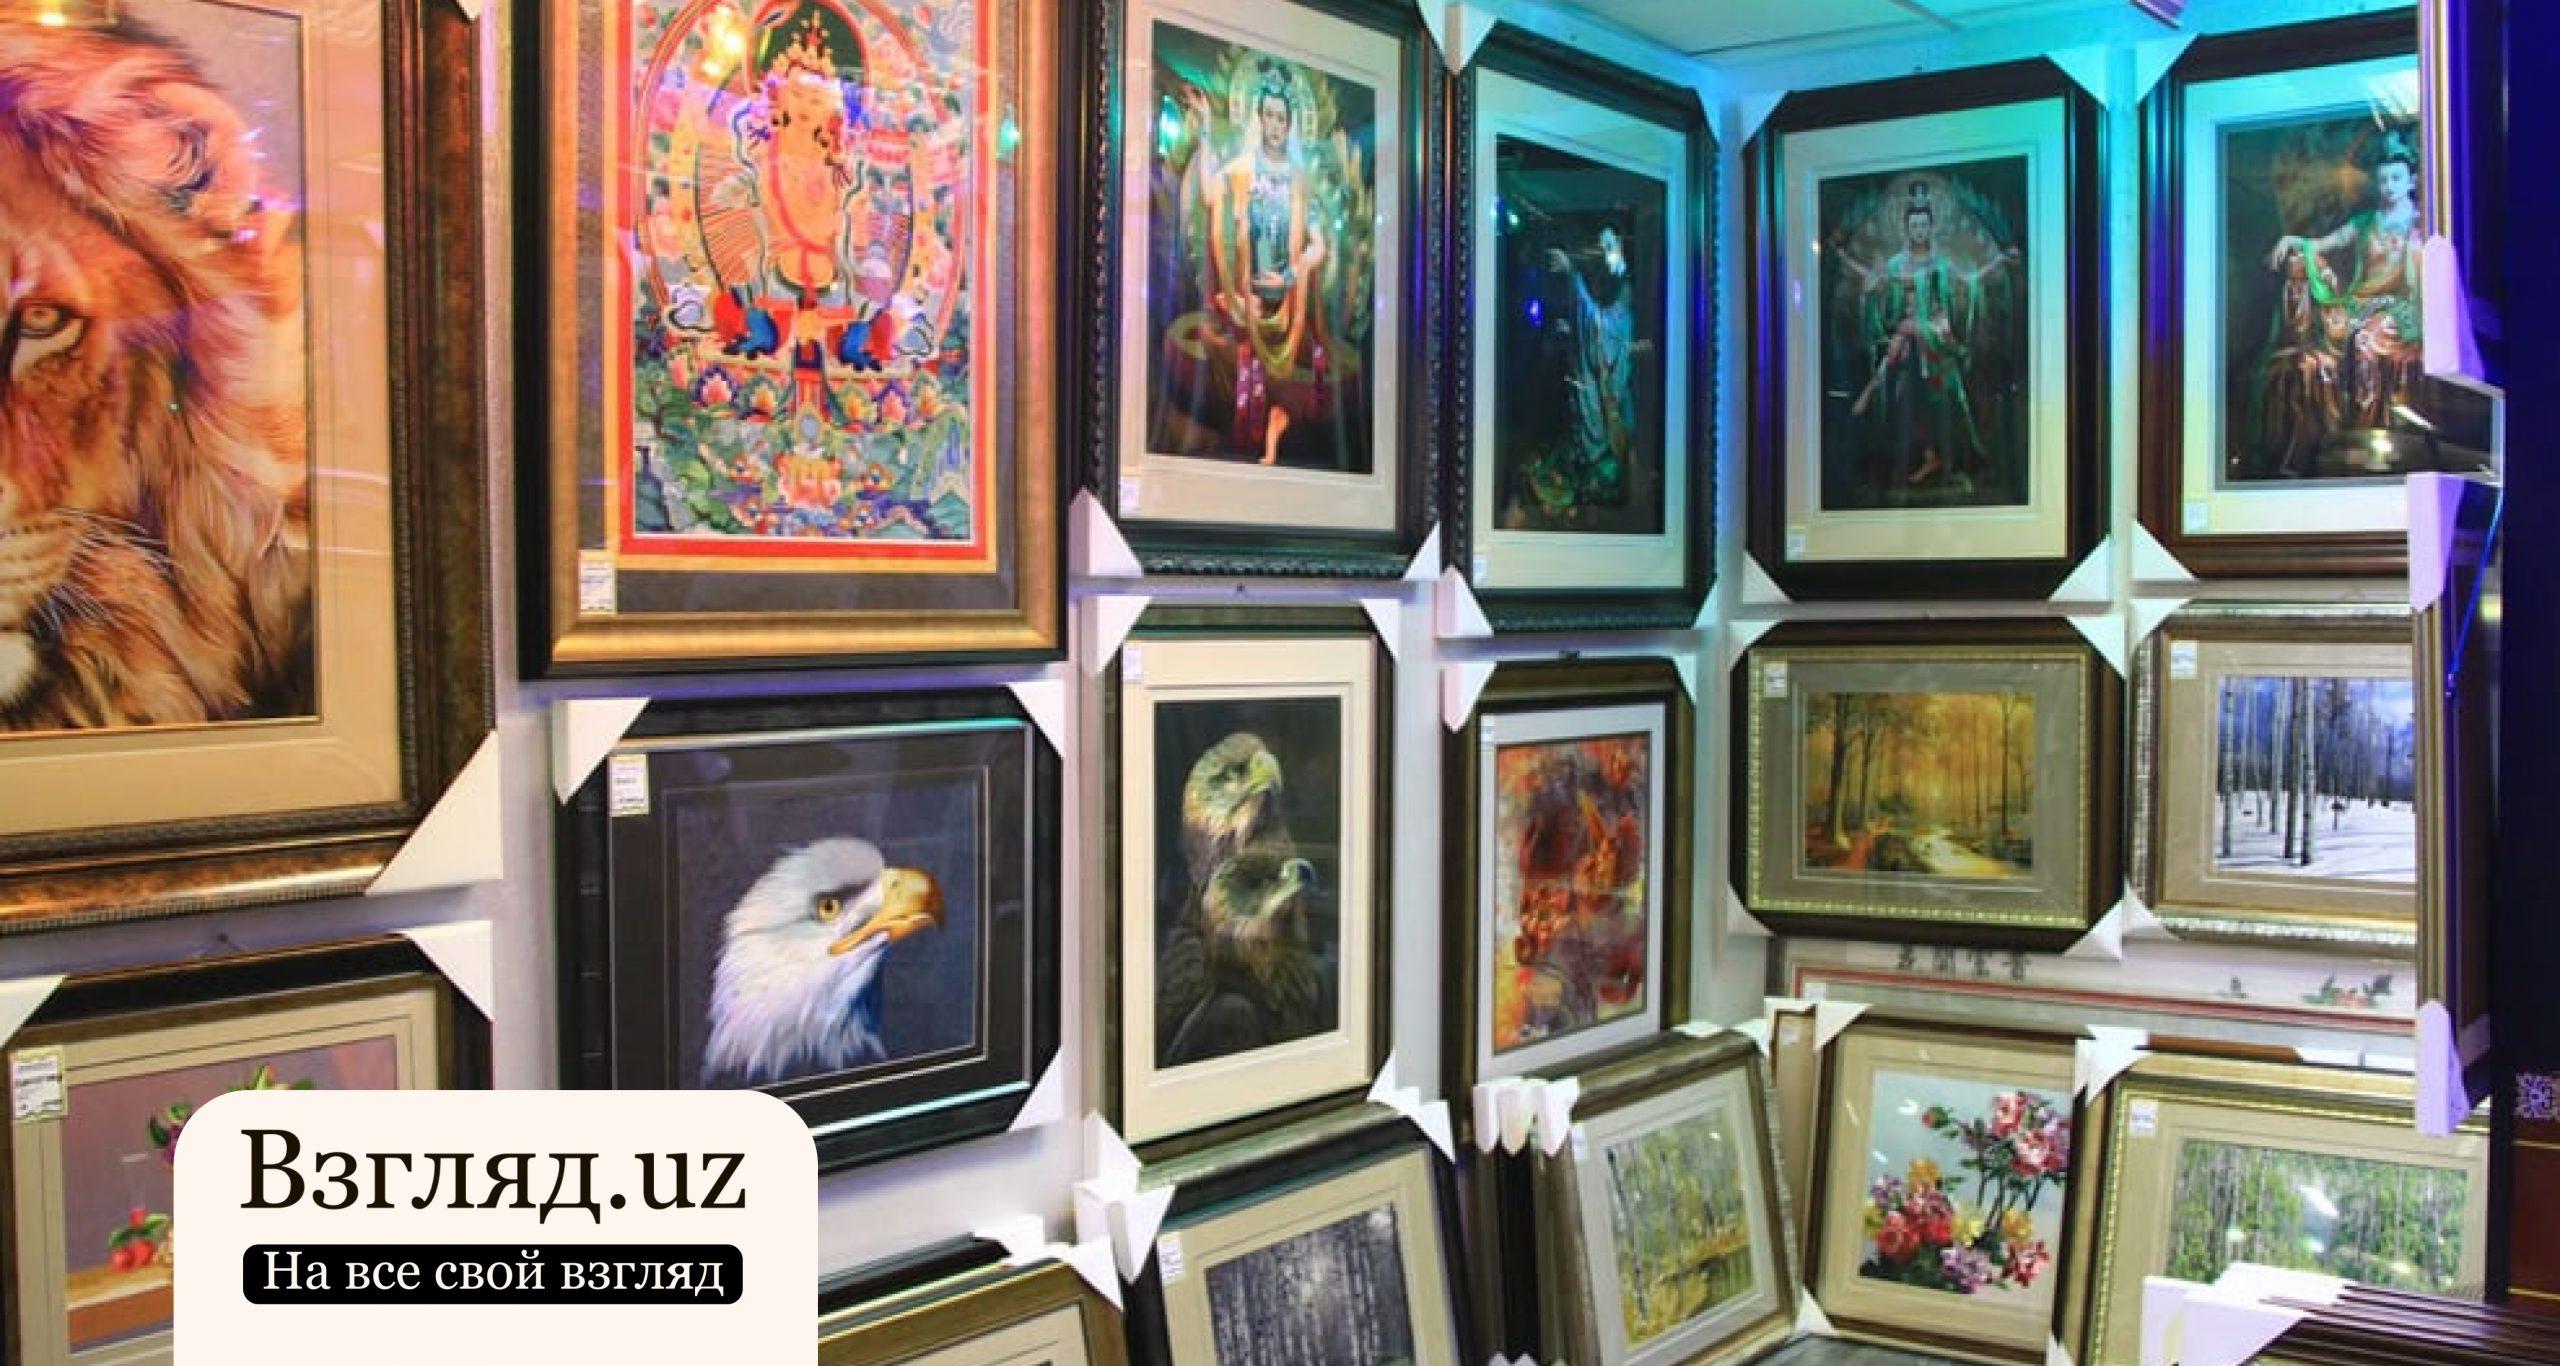 Мировые продажи предметов искусства в прошлом году упали более чем на 20 процентов